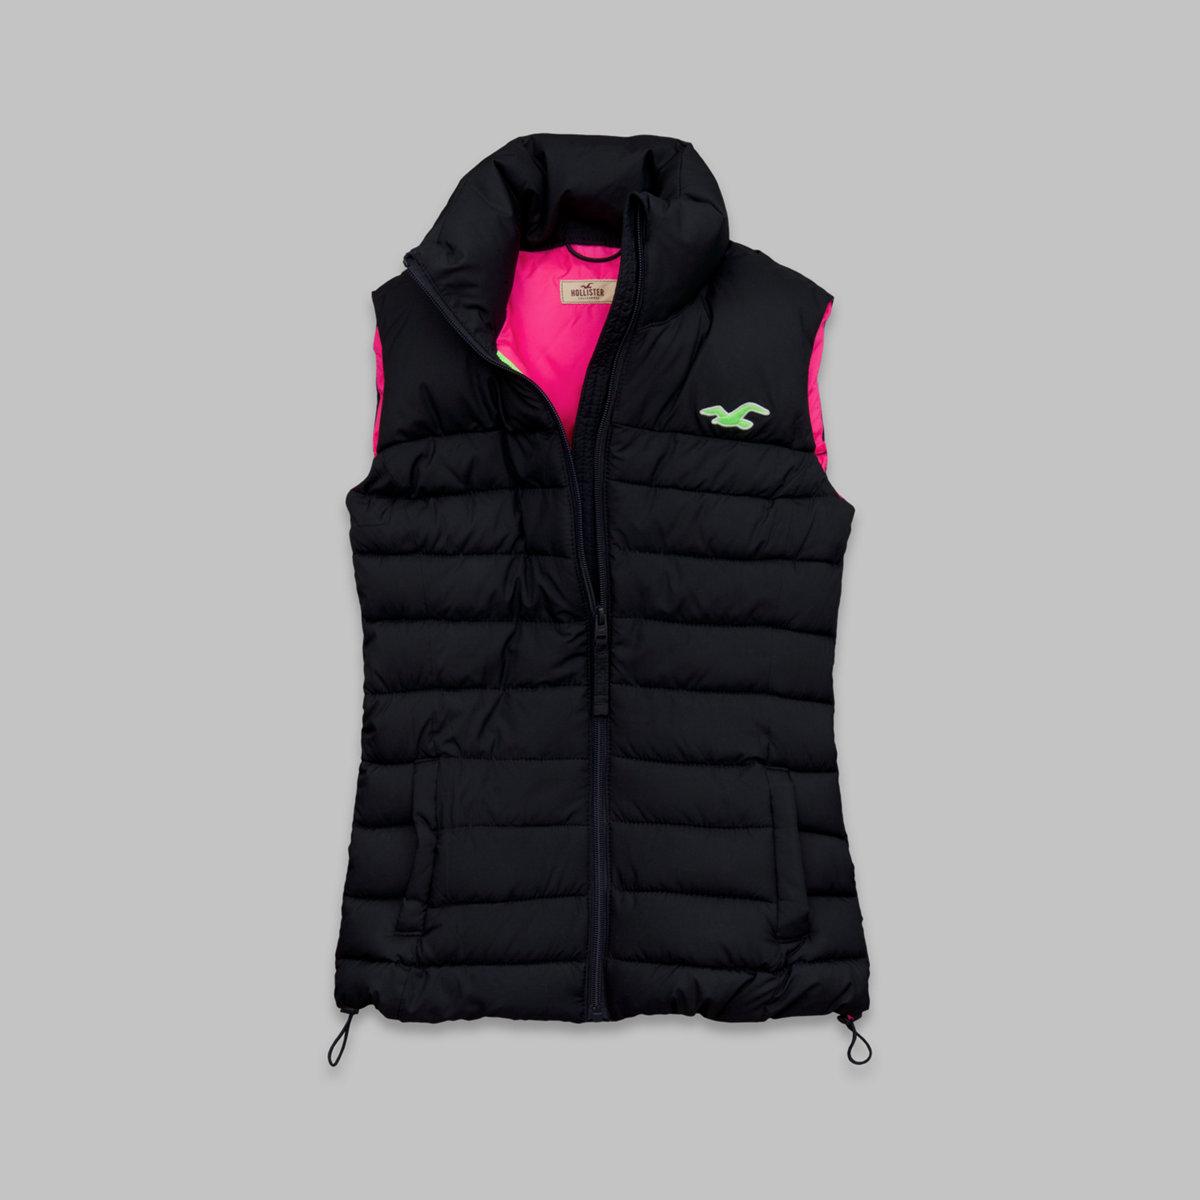 Show's Cove Vest